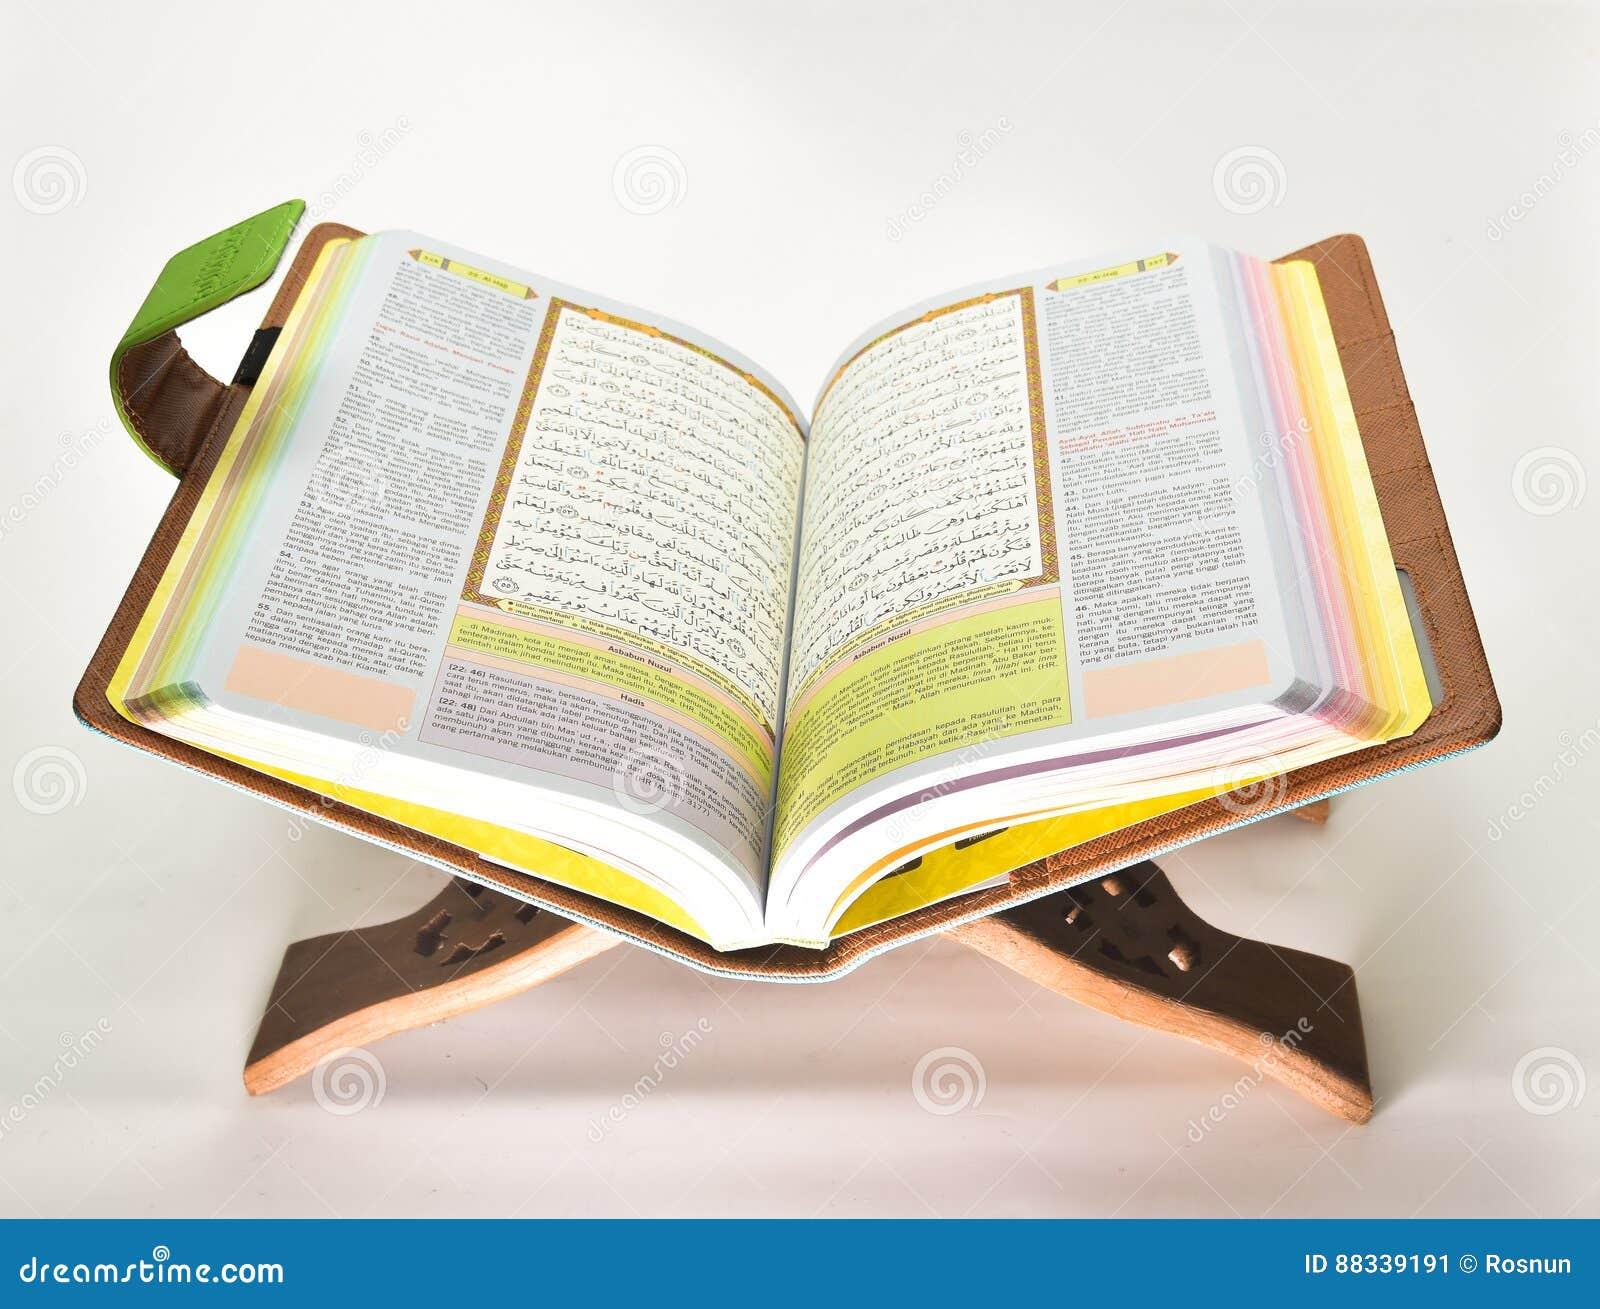 El Quran santo